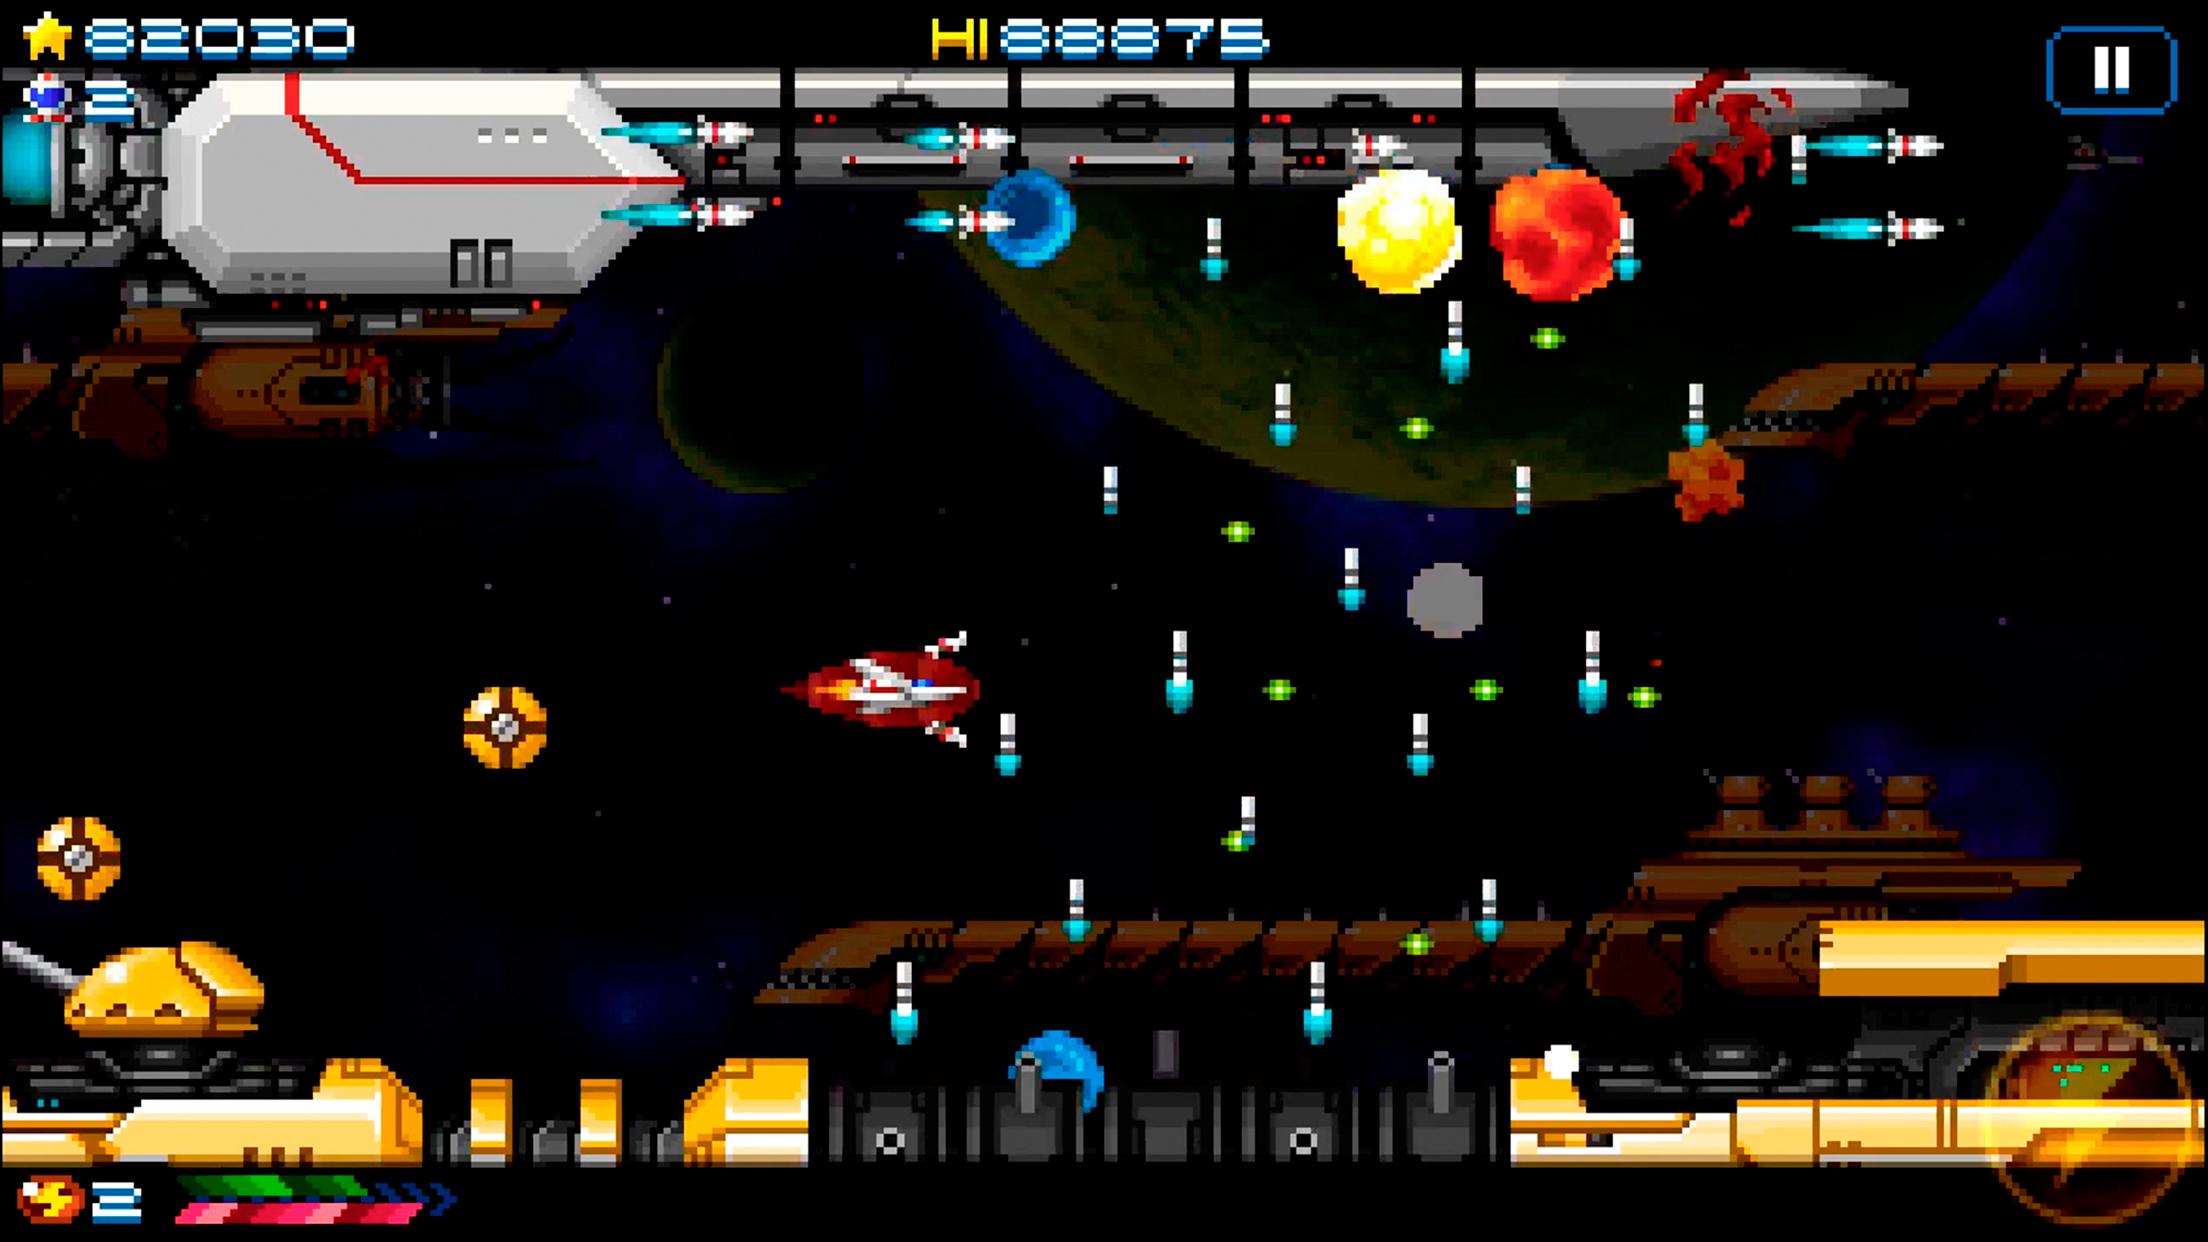 ¡La versión para iOS de Super Hydorah ya está disponible!